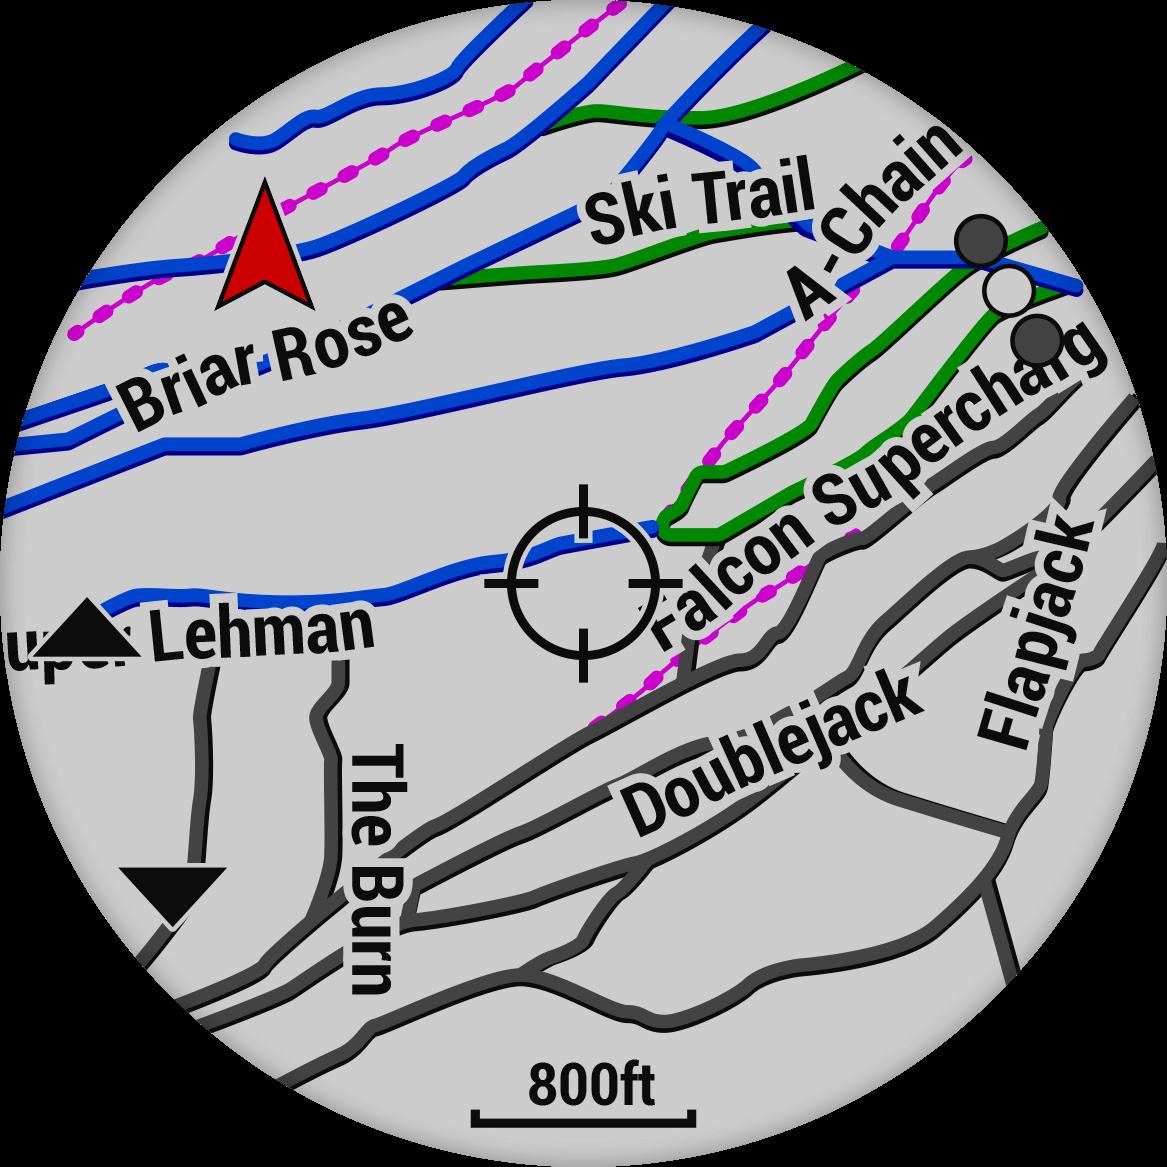 マップとスキーマップ